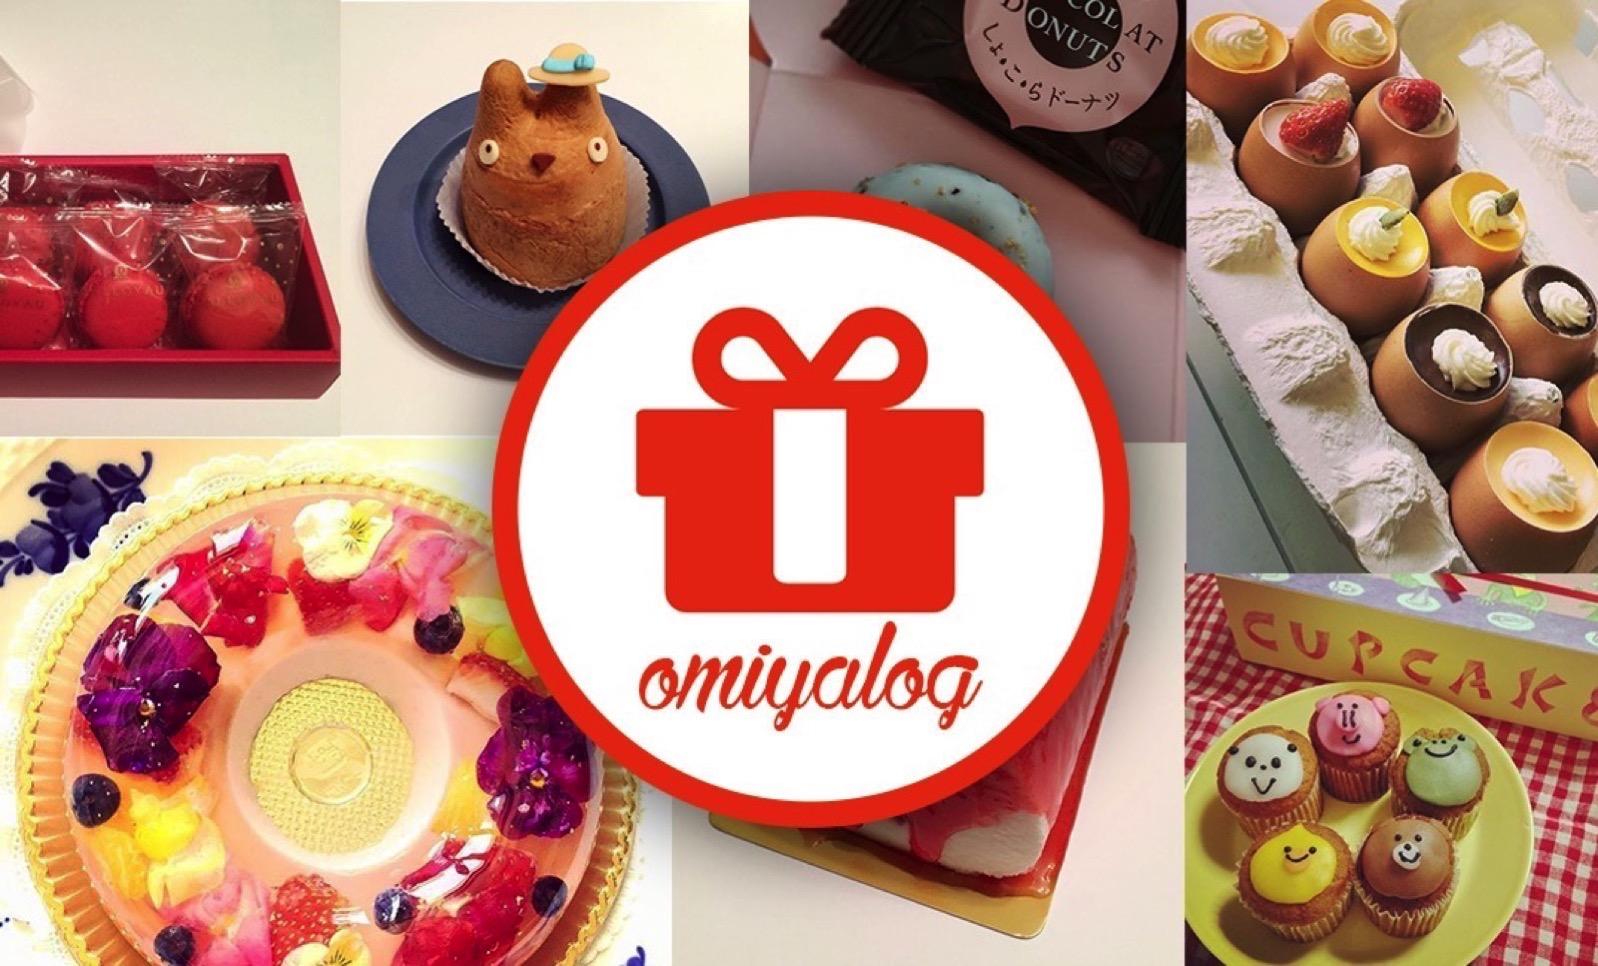 Omiyalog 8